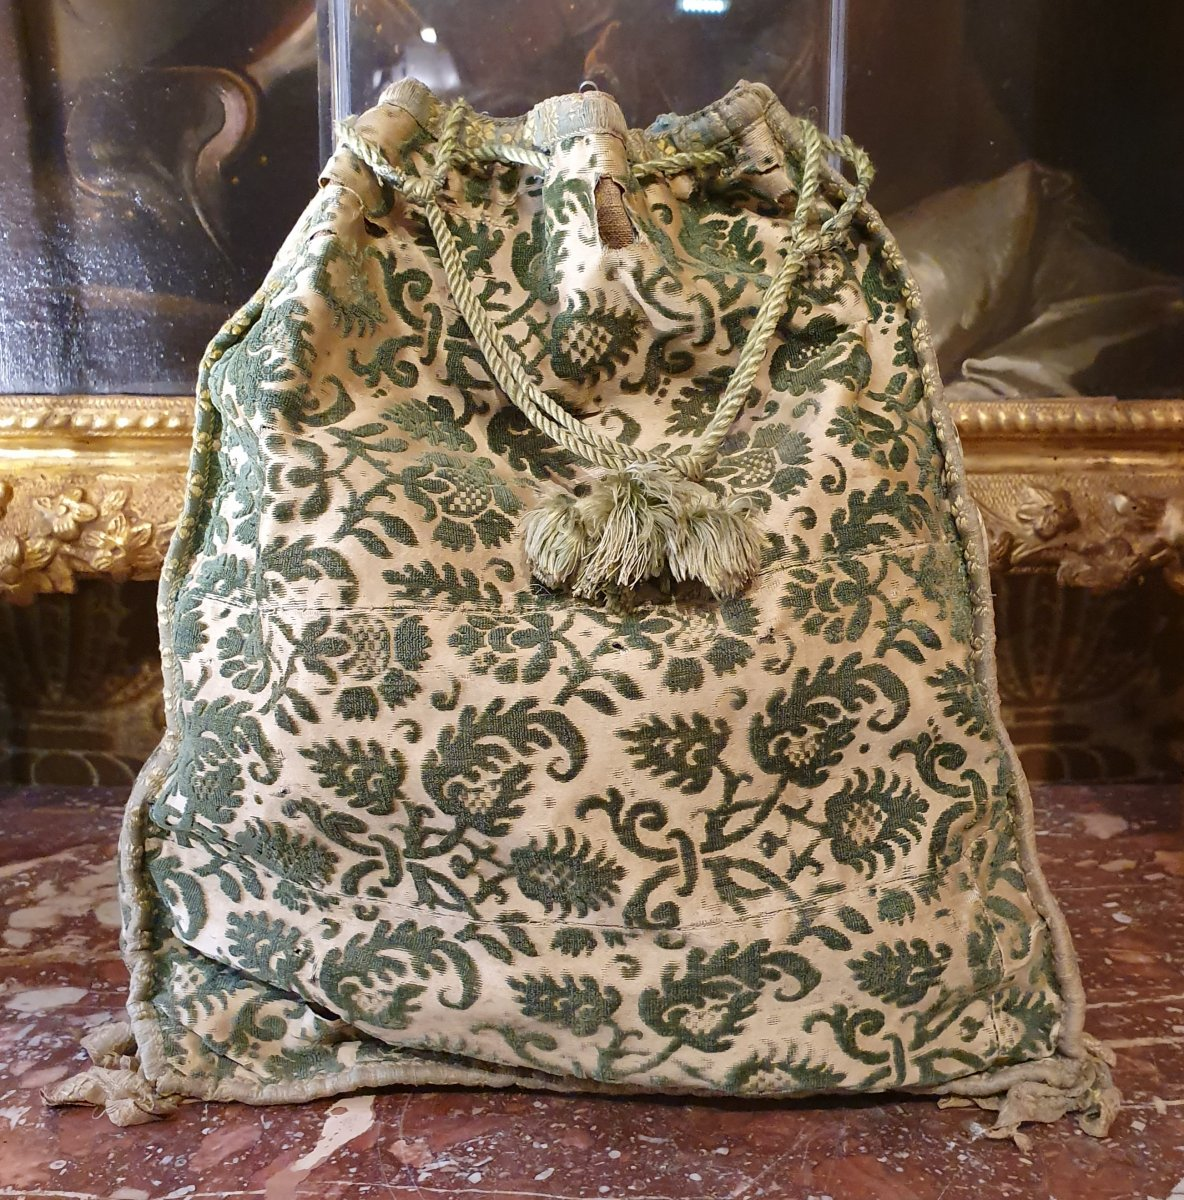 Chiseled Velvet Bag, Early XVIIth Century